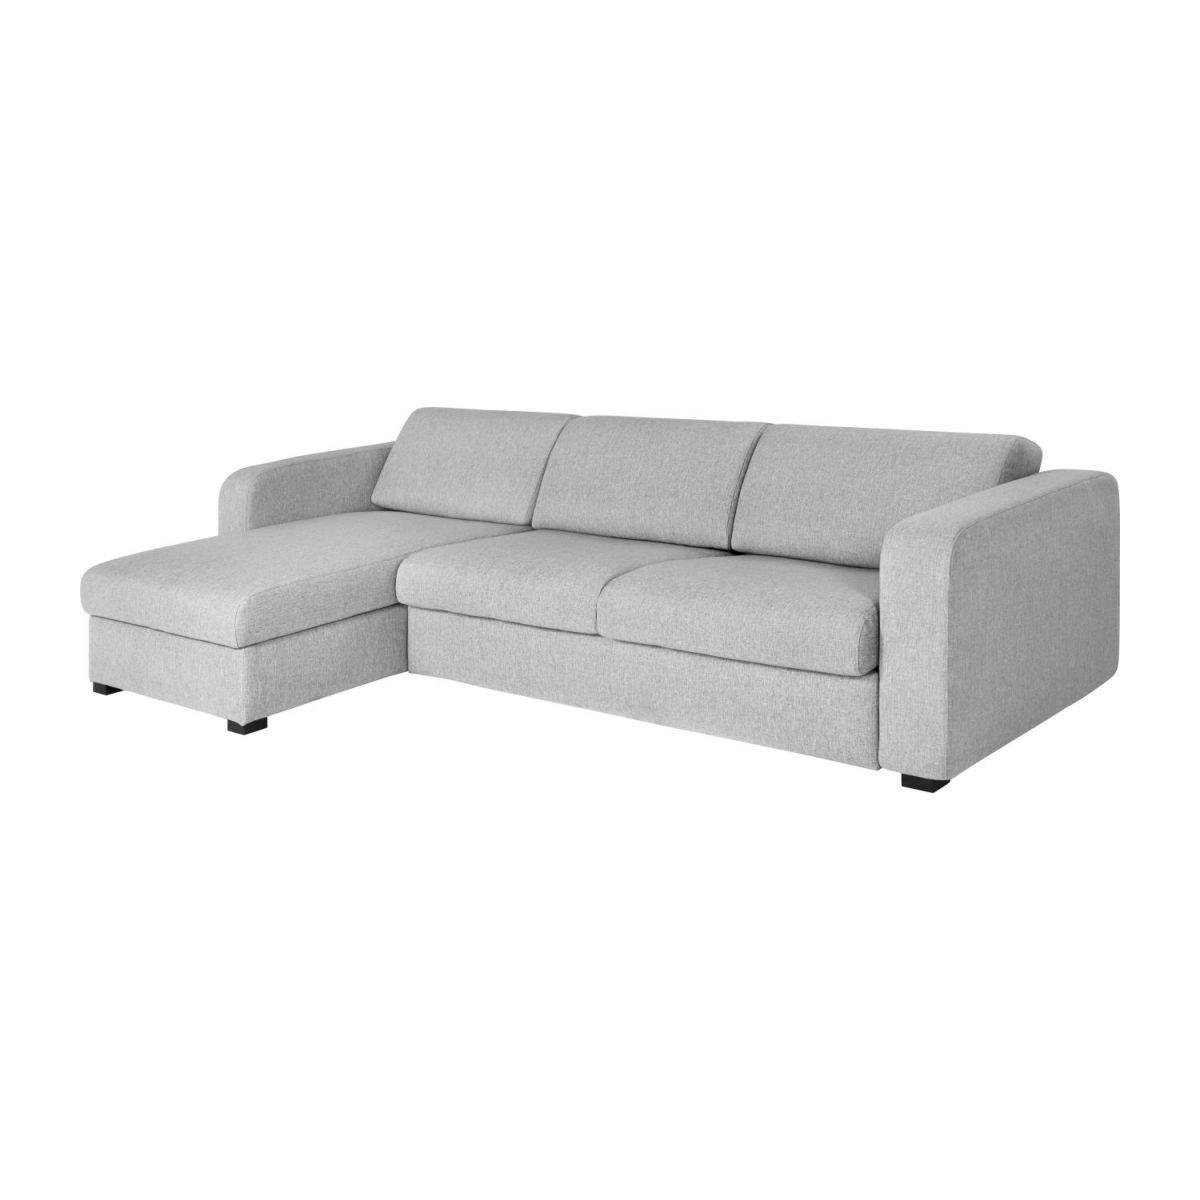 Sofa Cama Con Almacenaje 9fdy sofà Cama Esquinero Reversible 3 Plazas De Tela Con Almacenaje Gris Claro